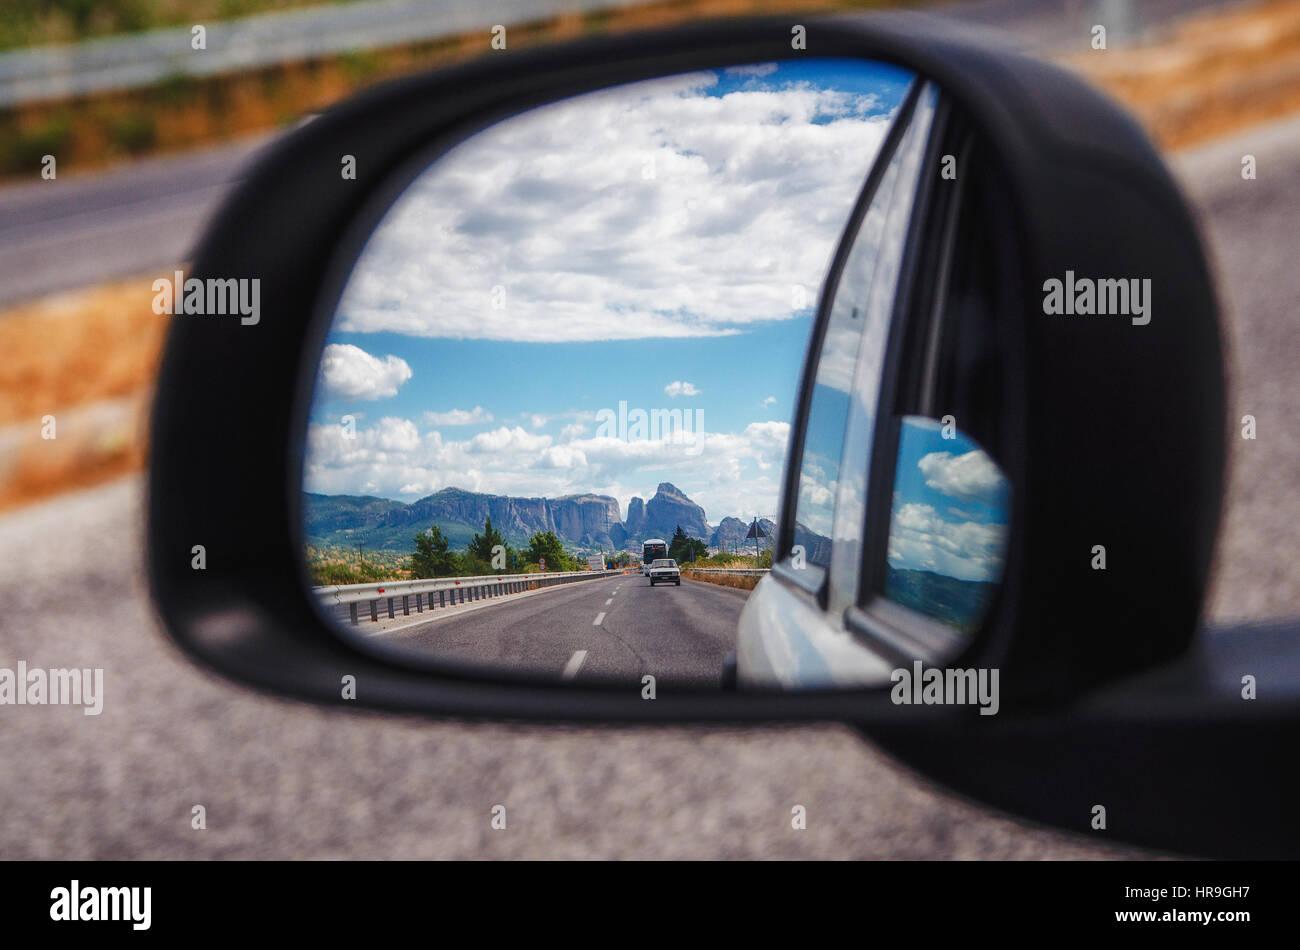 Le splendide montagne di Meteora e Tessaglia valley visto sullo specchietto retrovisore della vettura, Grecia Immagini Stock